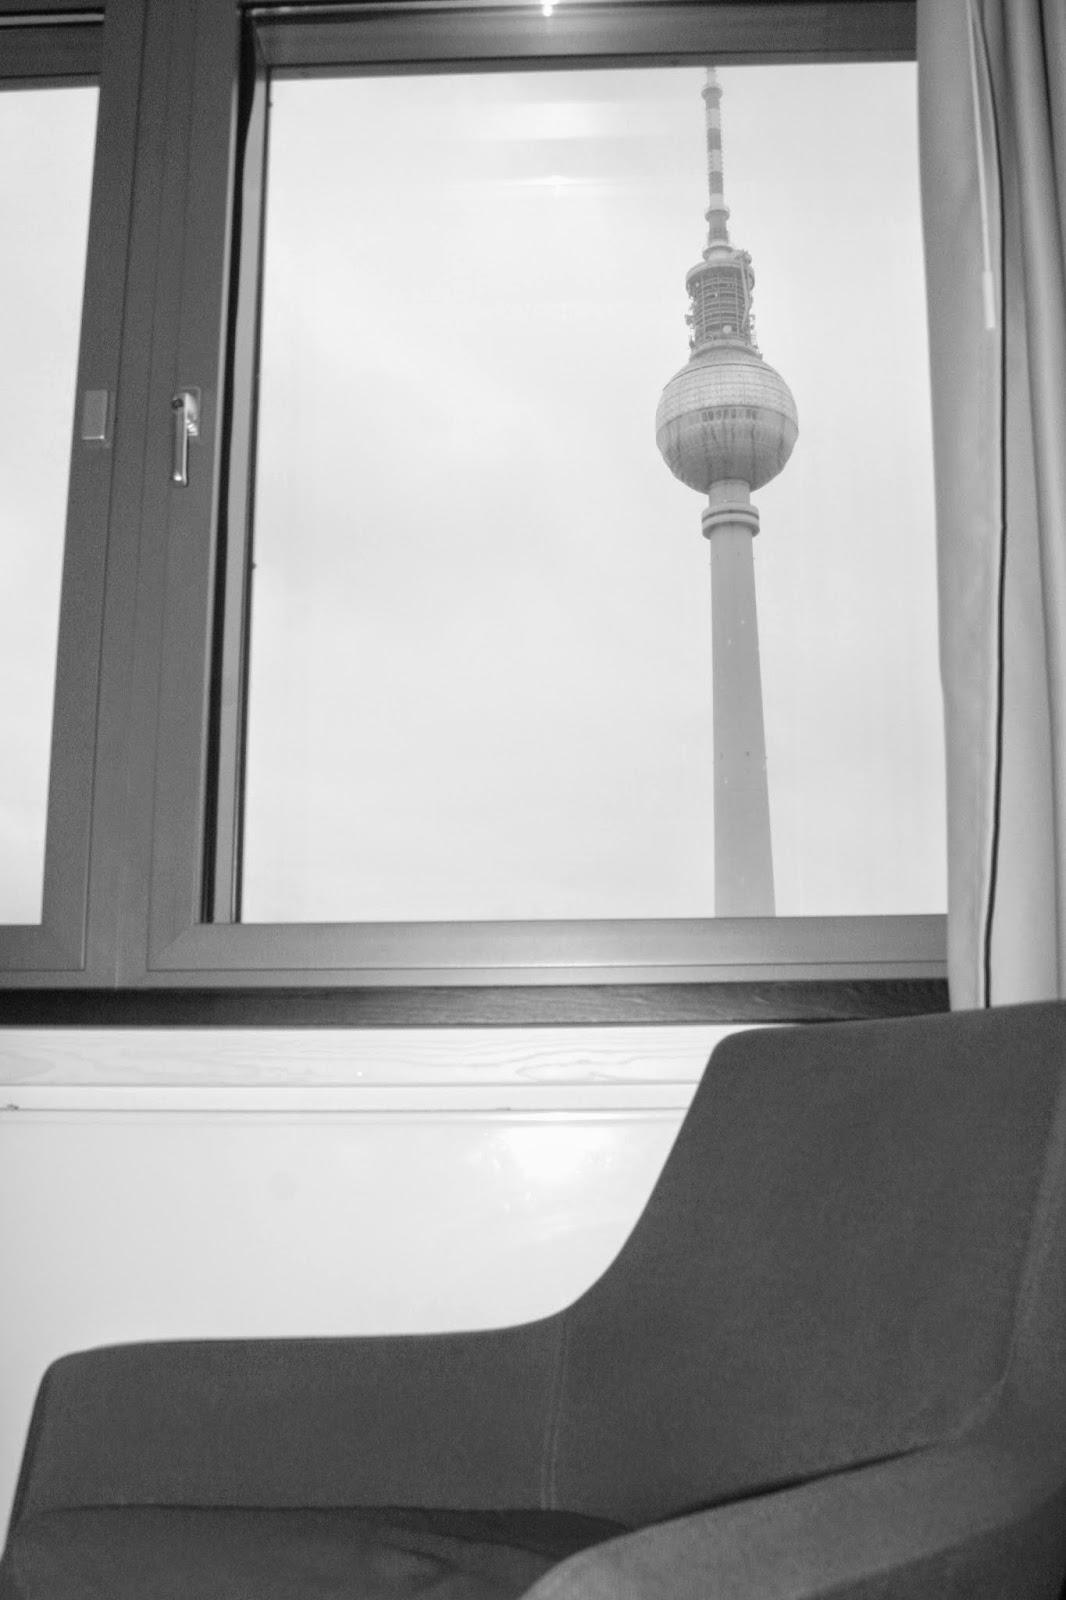 berlin, Berlín, bici, bici berlin, cafe con leche berlin, dos dias en berlin, ESCAPADAS, estamostendeciados, memorial, tachelen, tendencia, tiergarten, tres días en berlin, viaje,